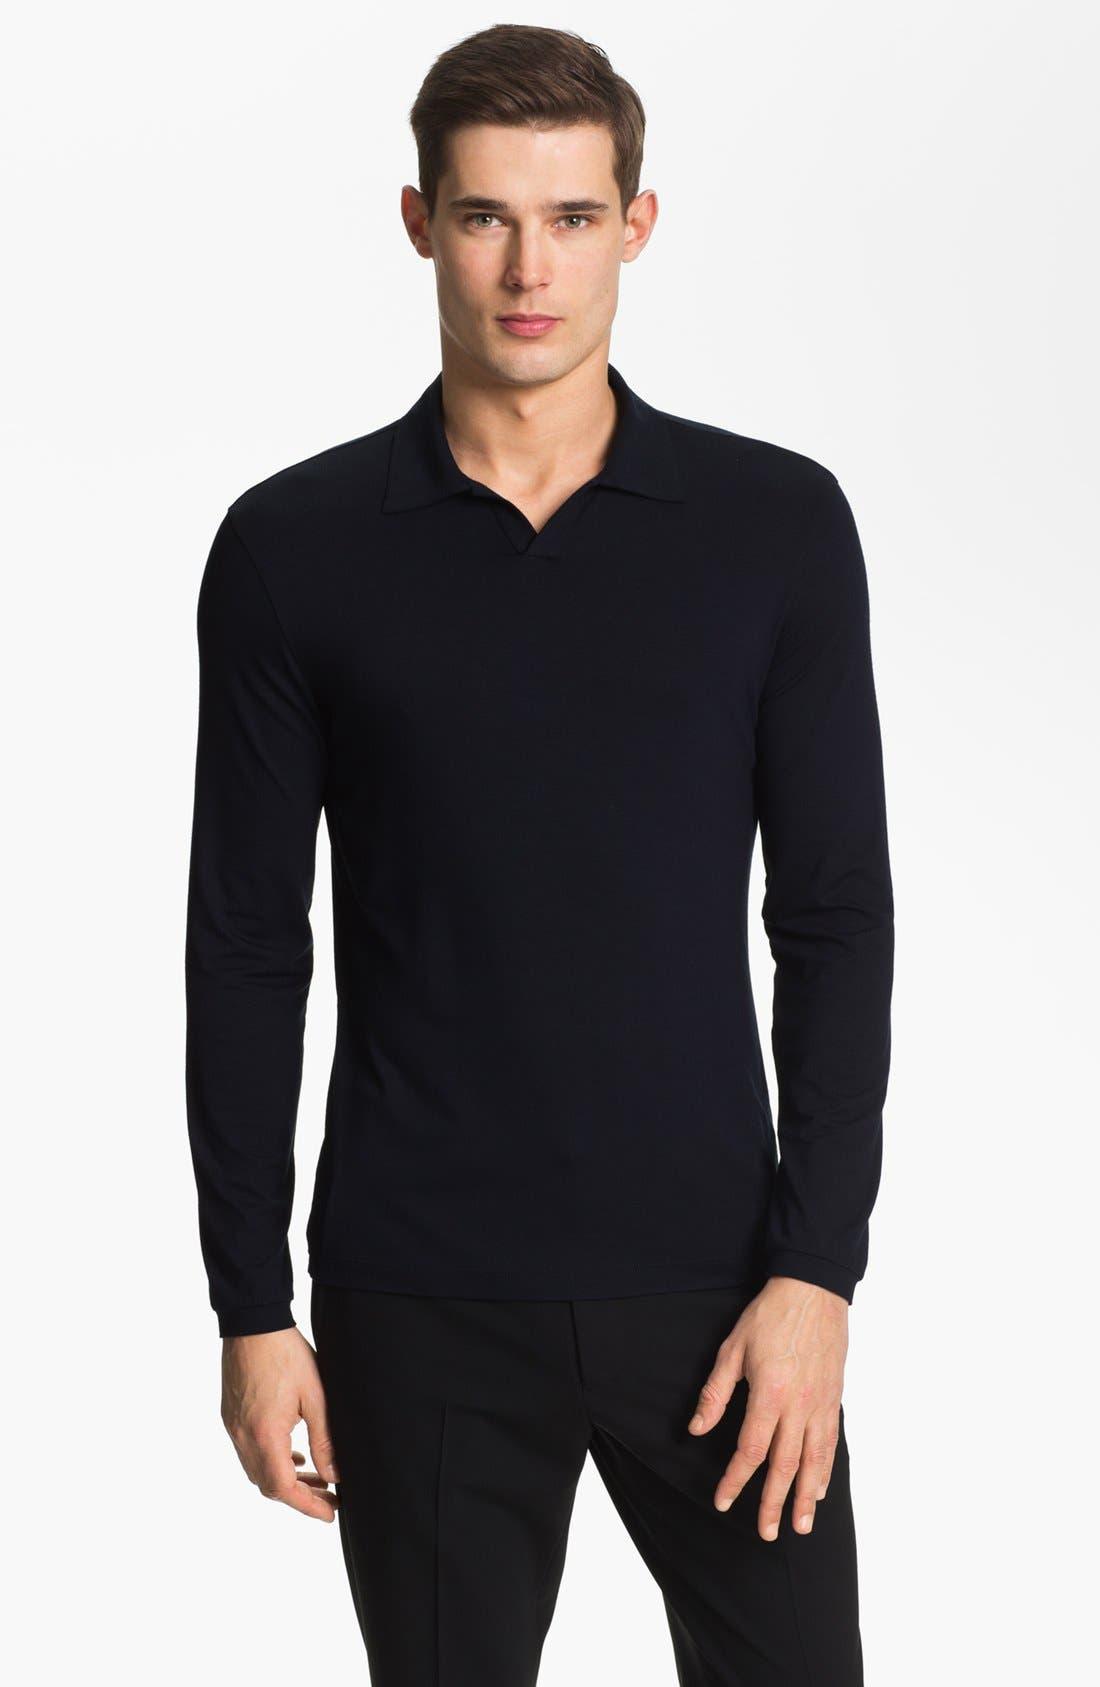 Main Image - Armani Collezioni Johnny Collar Knit Sweater